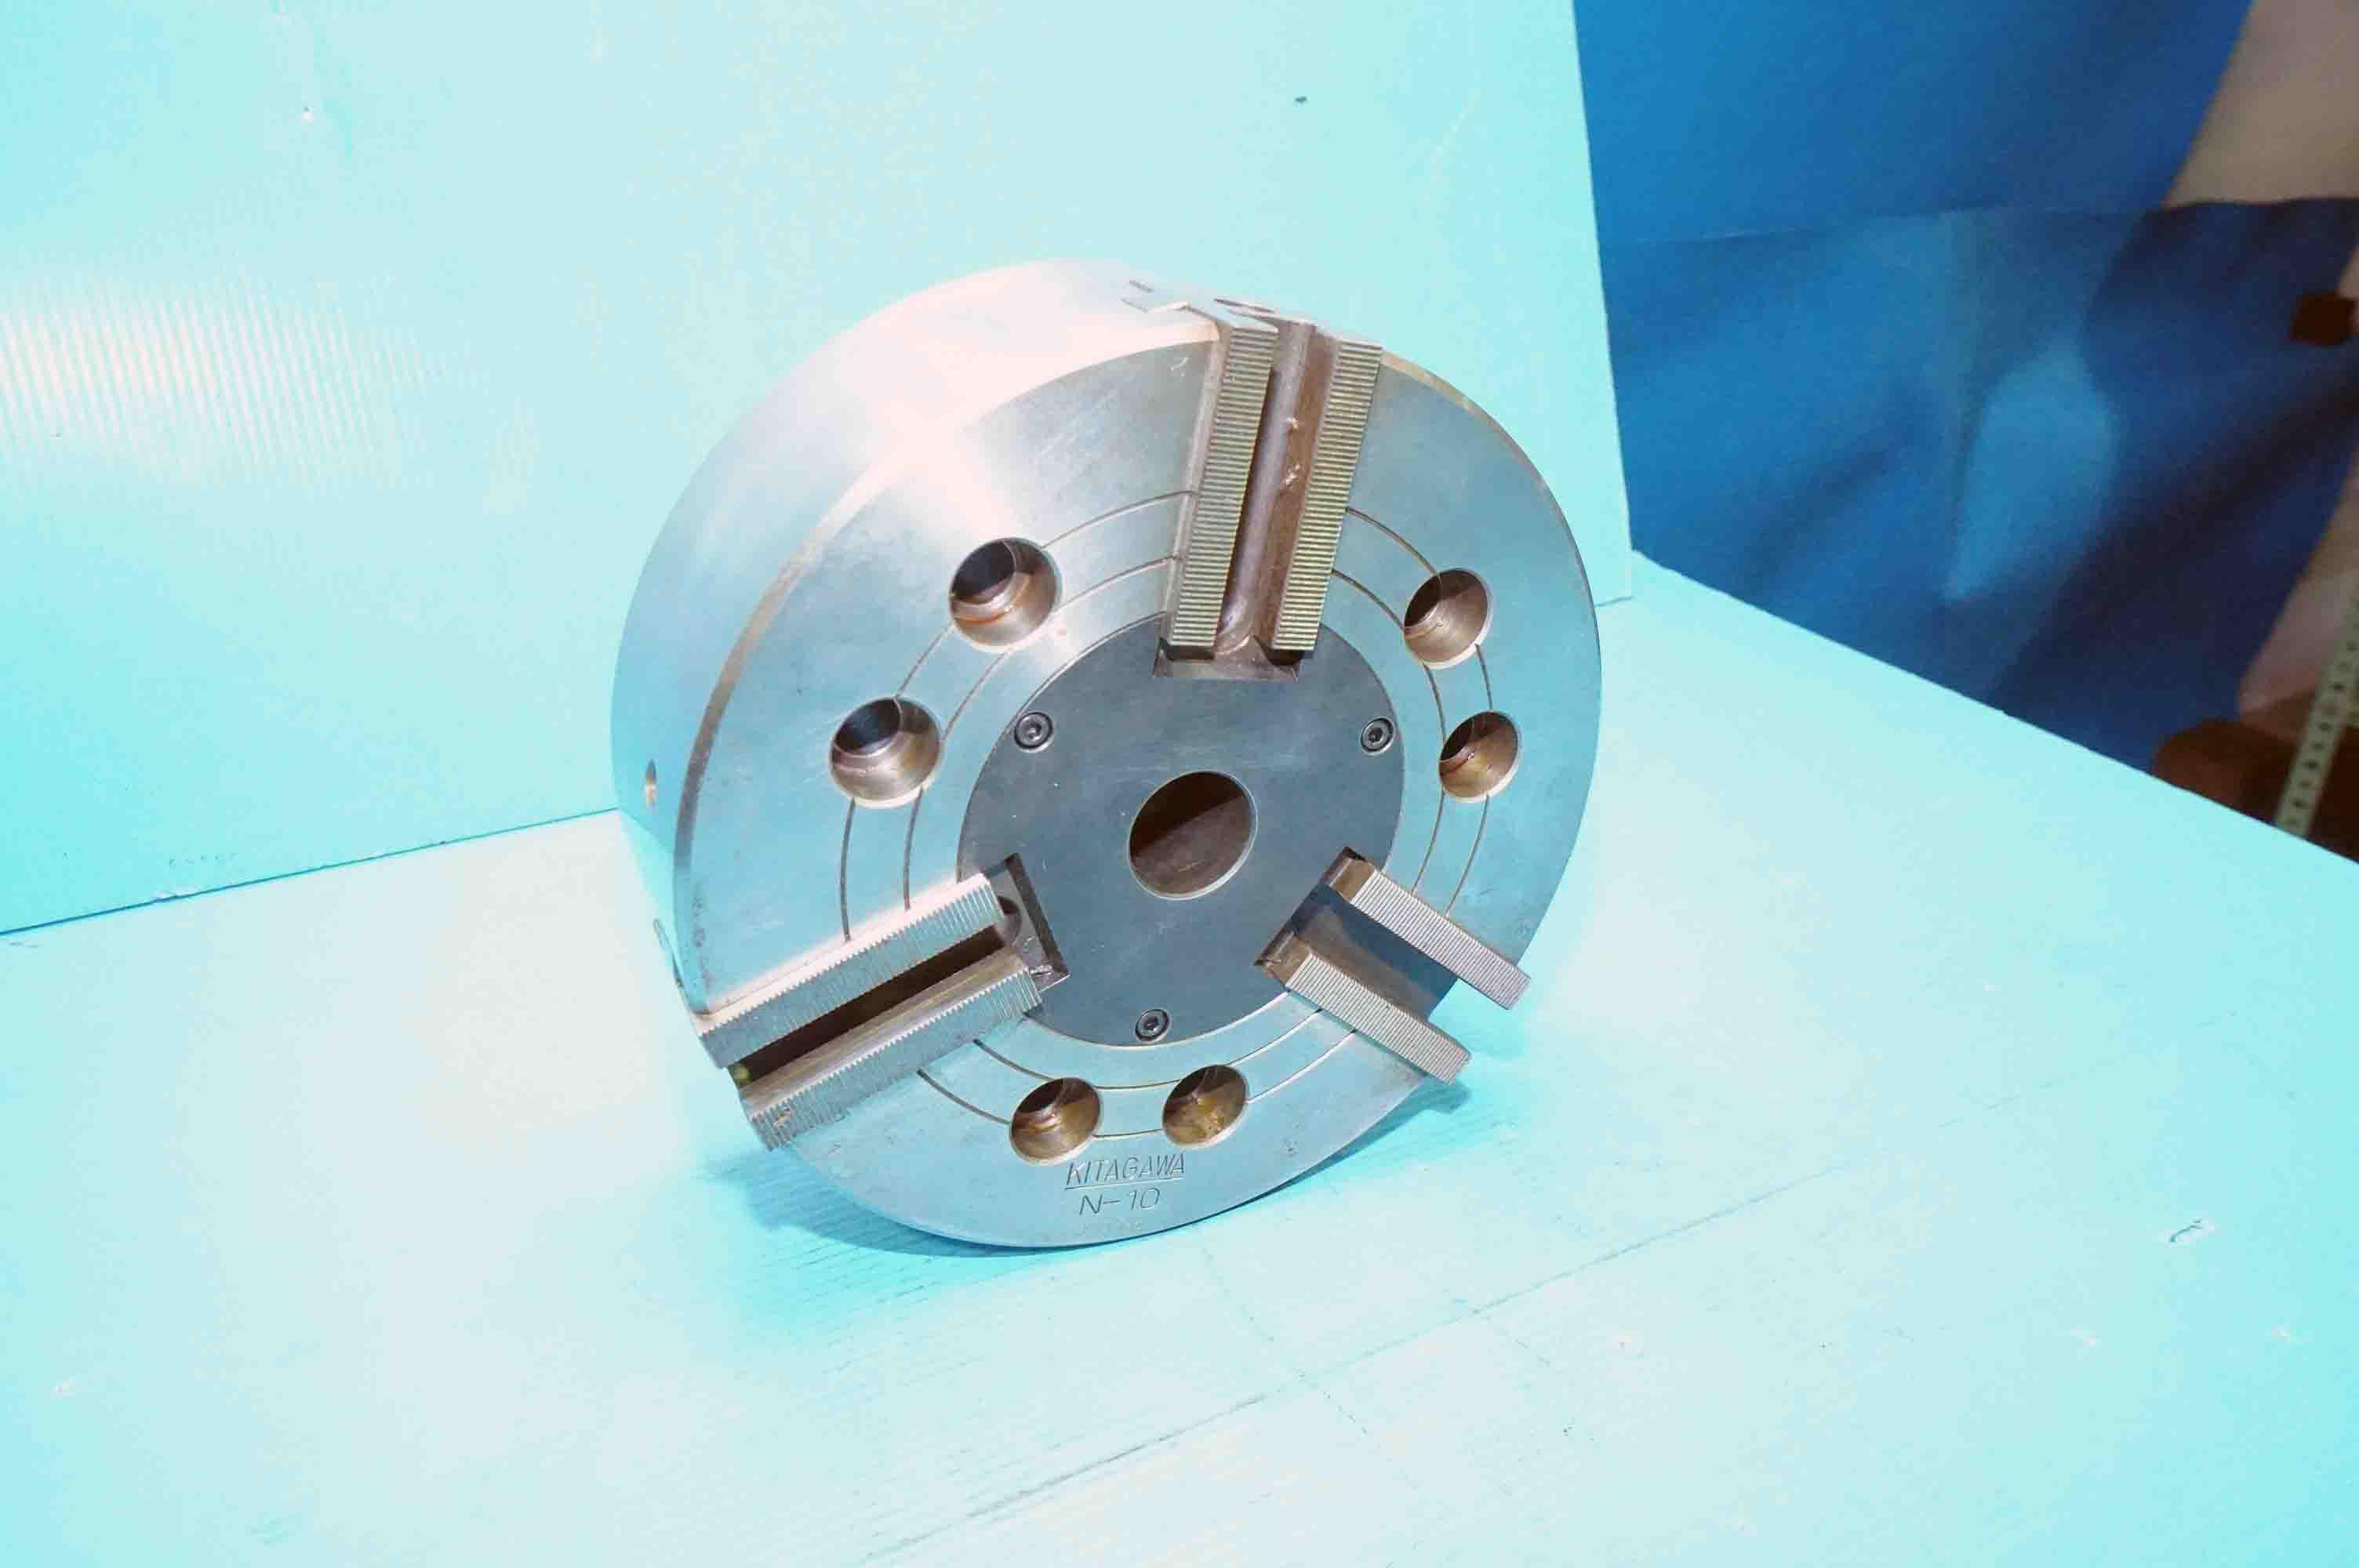 油圧チャック φ350 (890611MRT-21)の画像